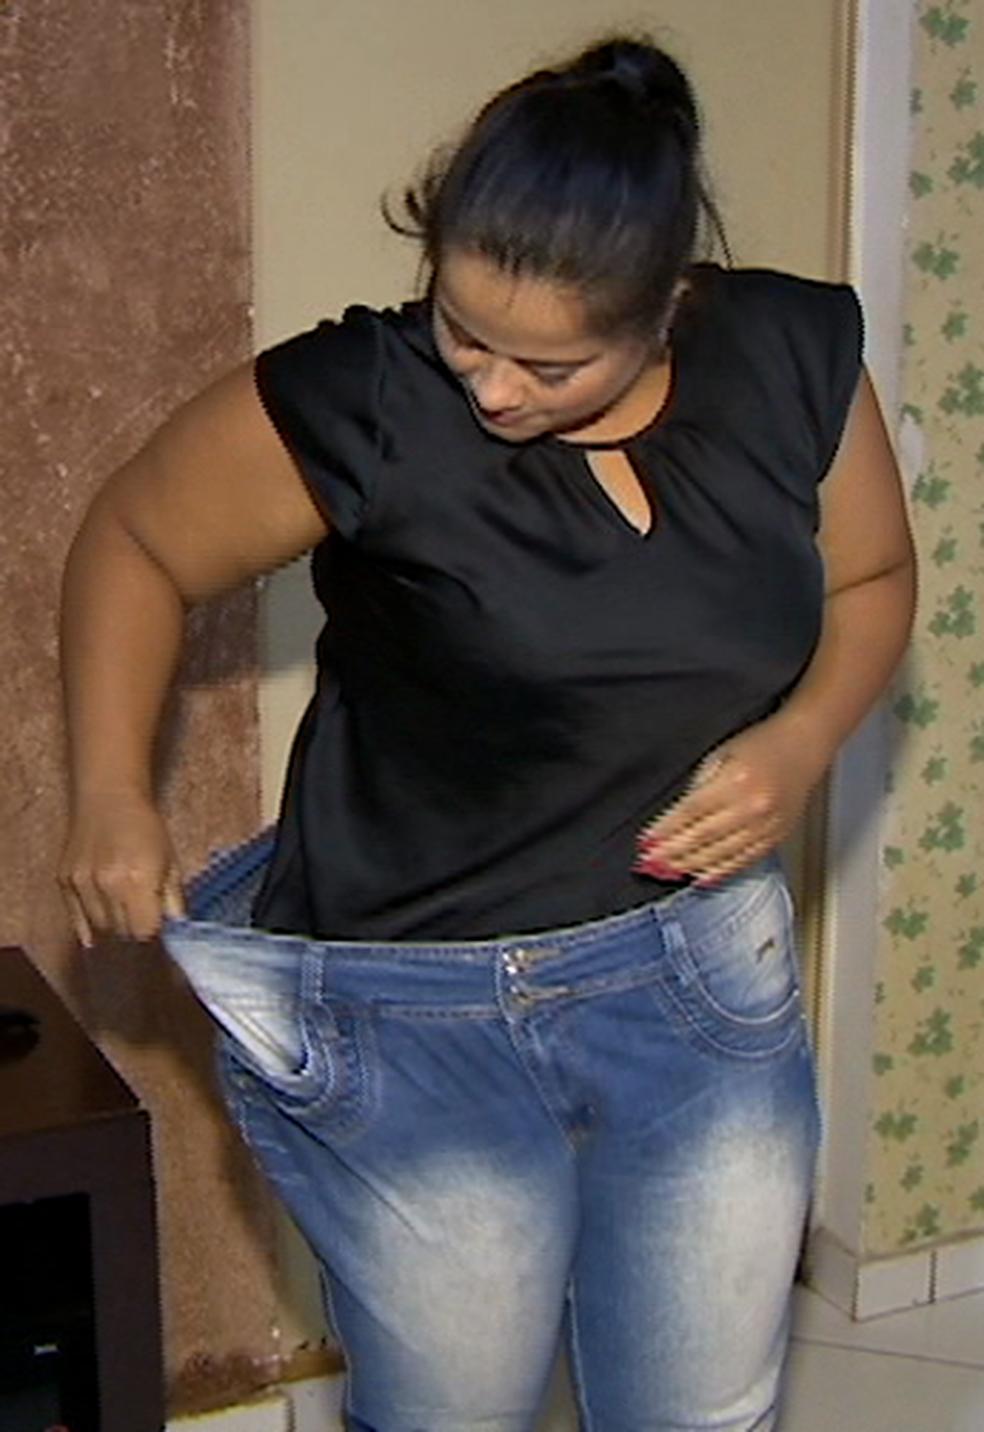 Jovem destaca melhoras físicas e para o espírito  (Foto: TV Fronteira / Reprodução)